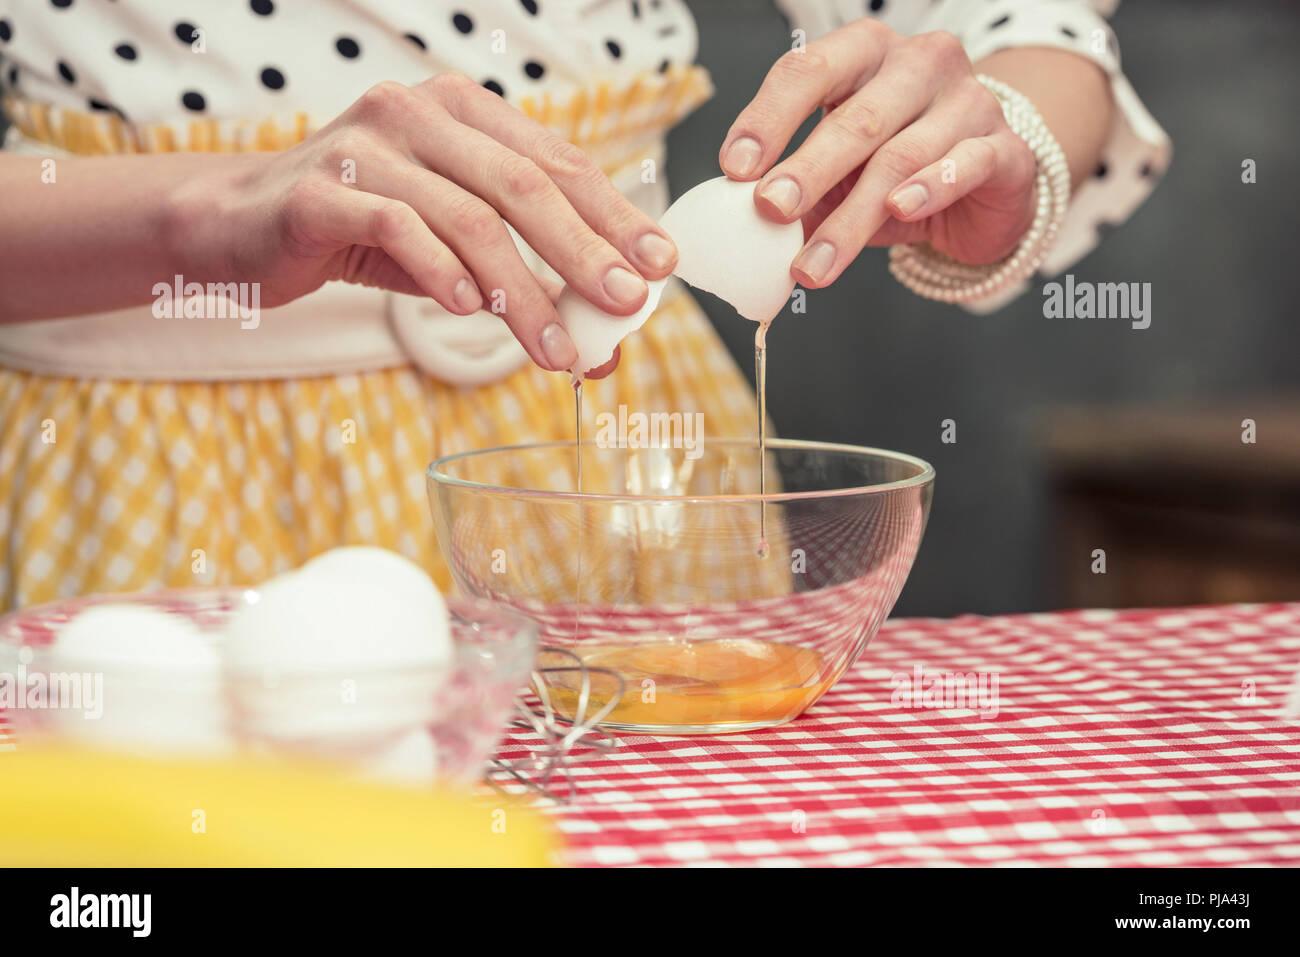 Captura recortada del ama de casa en polka dot shirt rompiendo el huevo en el tazón para tortilla Imagen De Stock